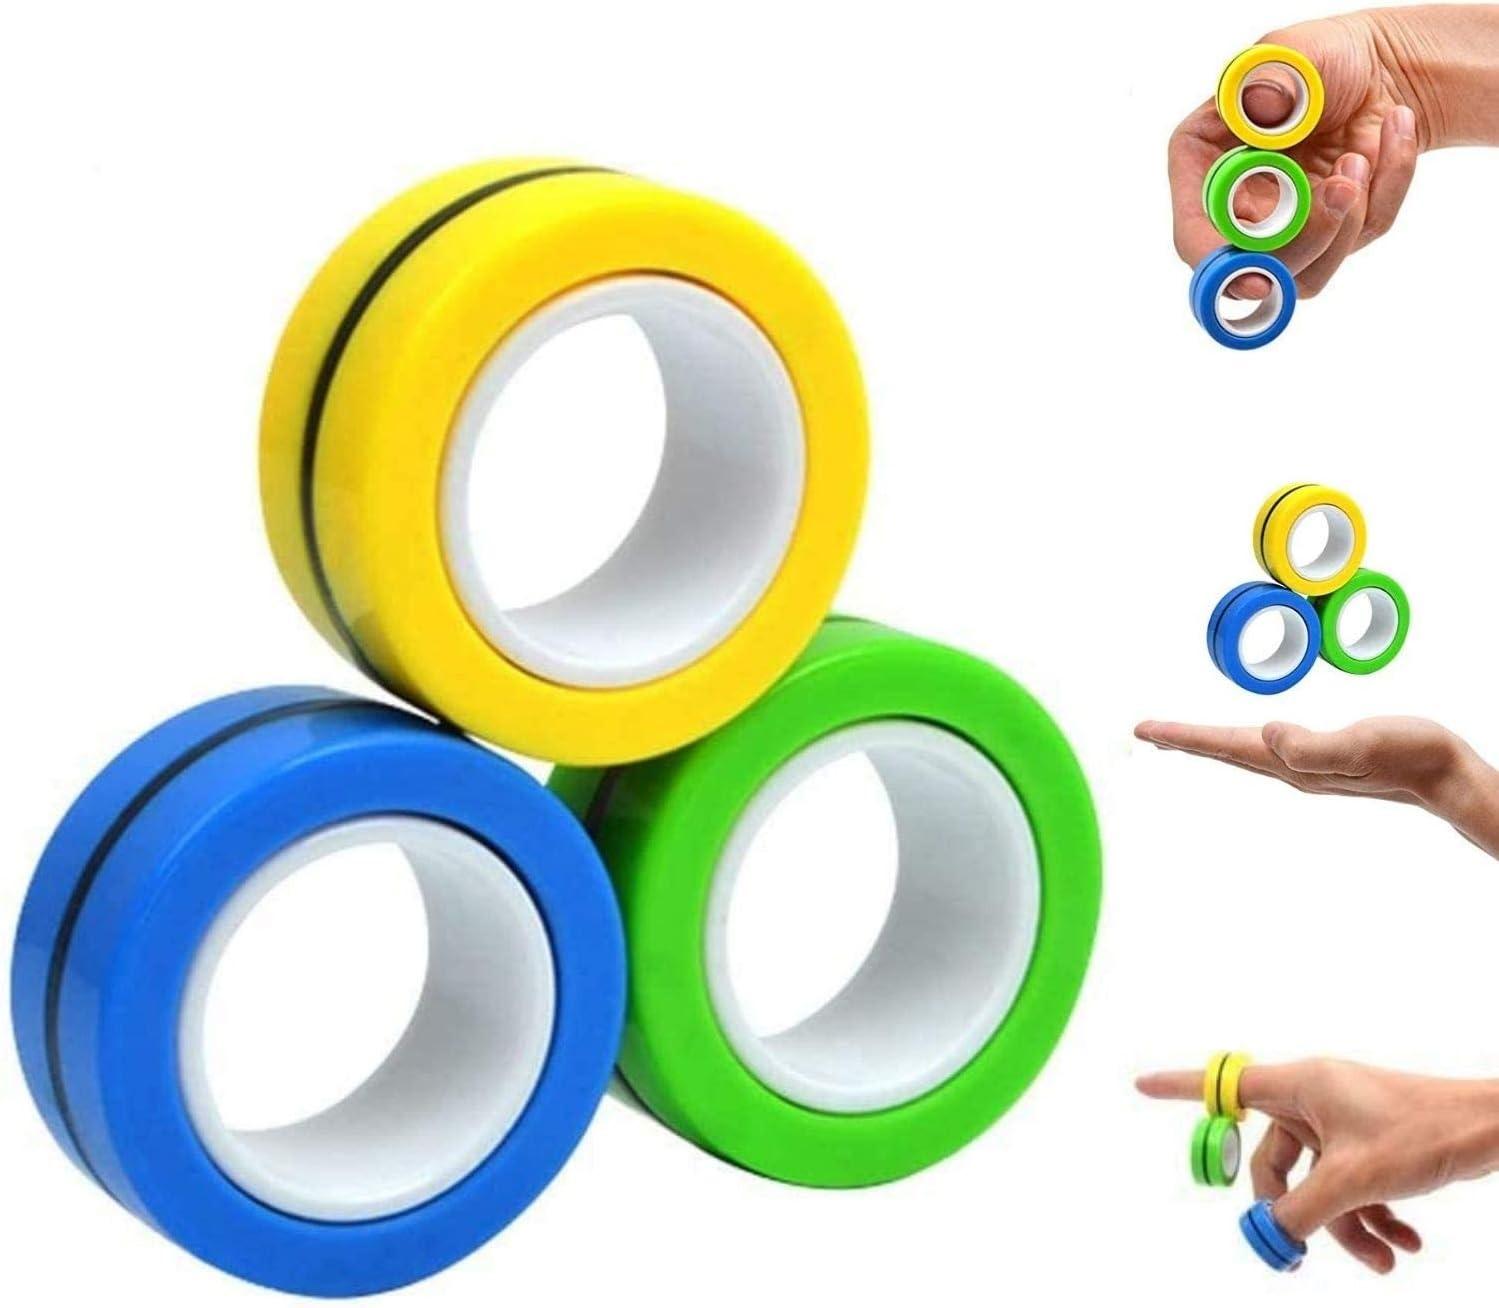 Finger Magnetic Ring Toys Fingears Fidget Spinner Activity Stress Relief Tricks